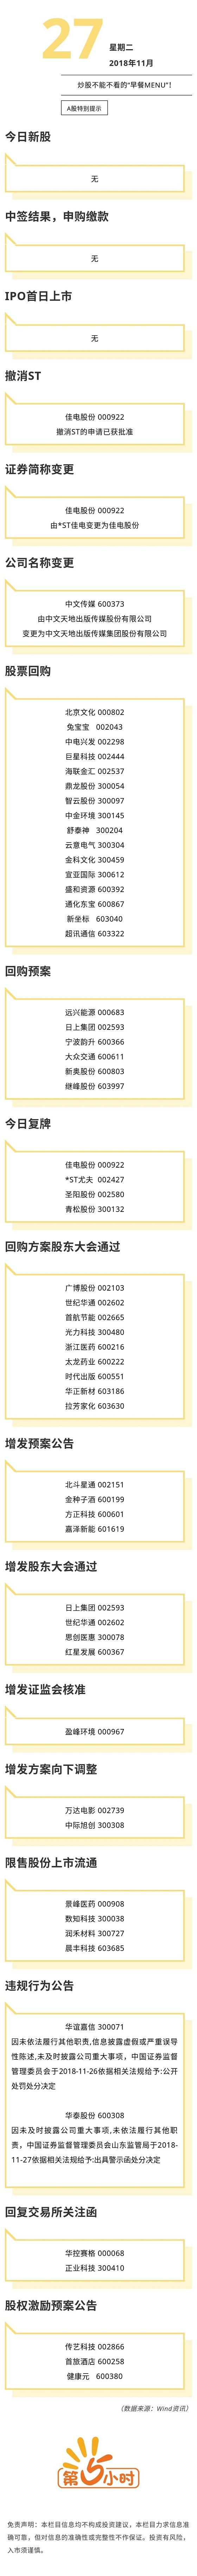 A股特别提示(2018-11-27).jpg